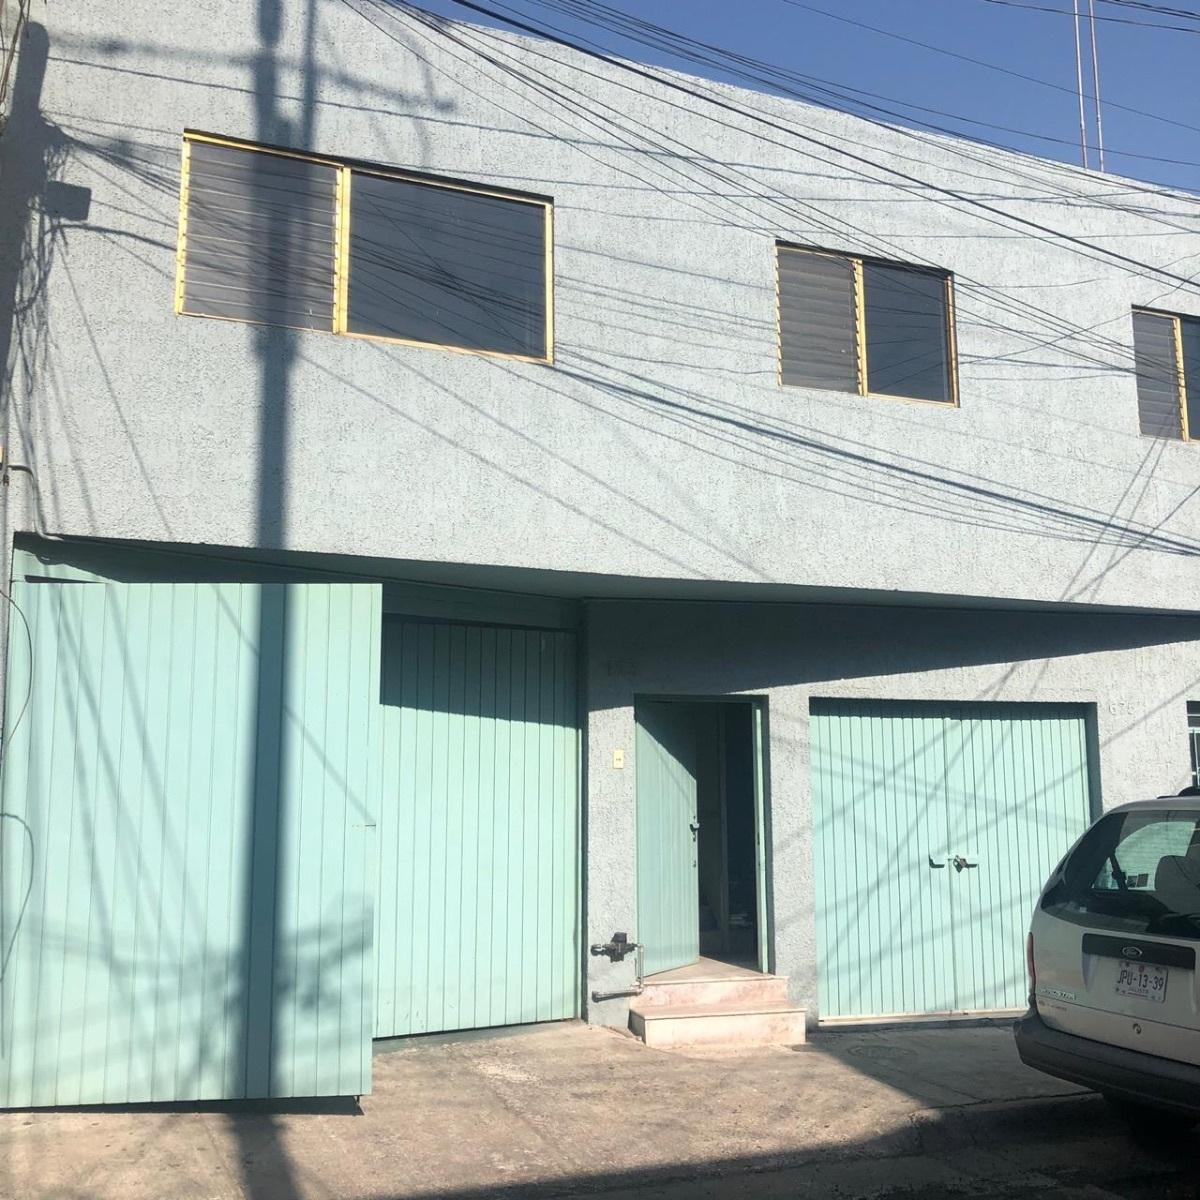 *Precio y condiciones sujetos a cambio sin previo aviso  Local en Venta a media cuadra de la calle 5 de Febrero y Los Angeles Excelente opcion para oficinas y bodega ya que cuenta con amplios espacios para crecer y almacenar productos Son 506m2 de terreno y 462m2 de construccion En $4,500,000  Informes: Alejandro Morales  Capital Brokers  3331007273. EasyBroker ID: EB-DH0361 17